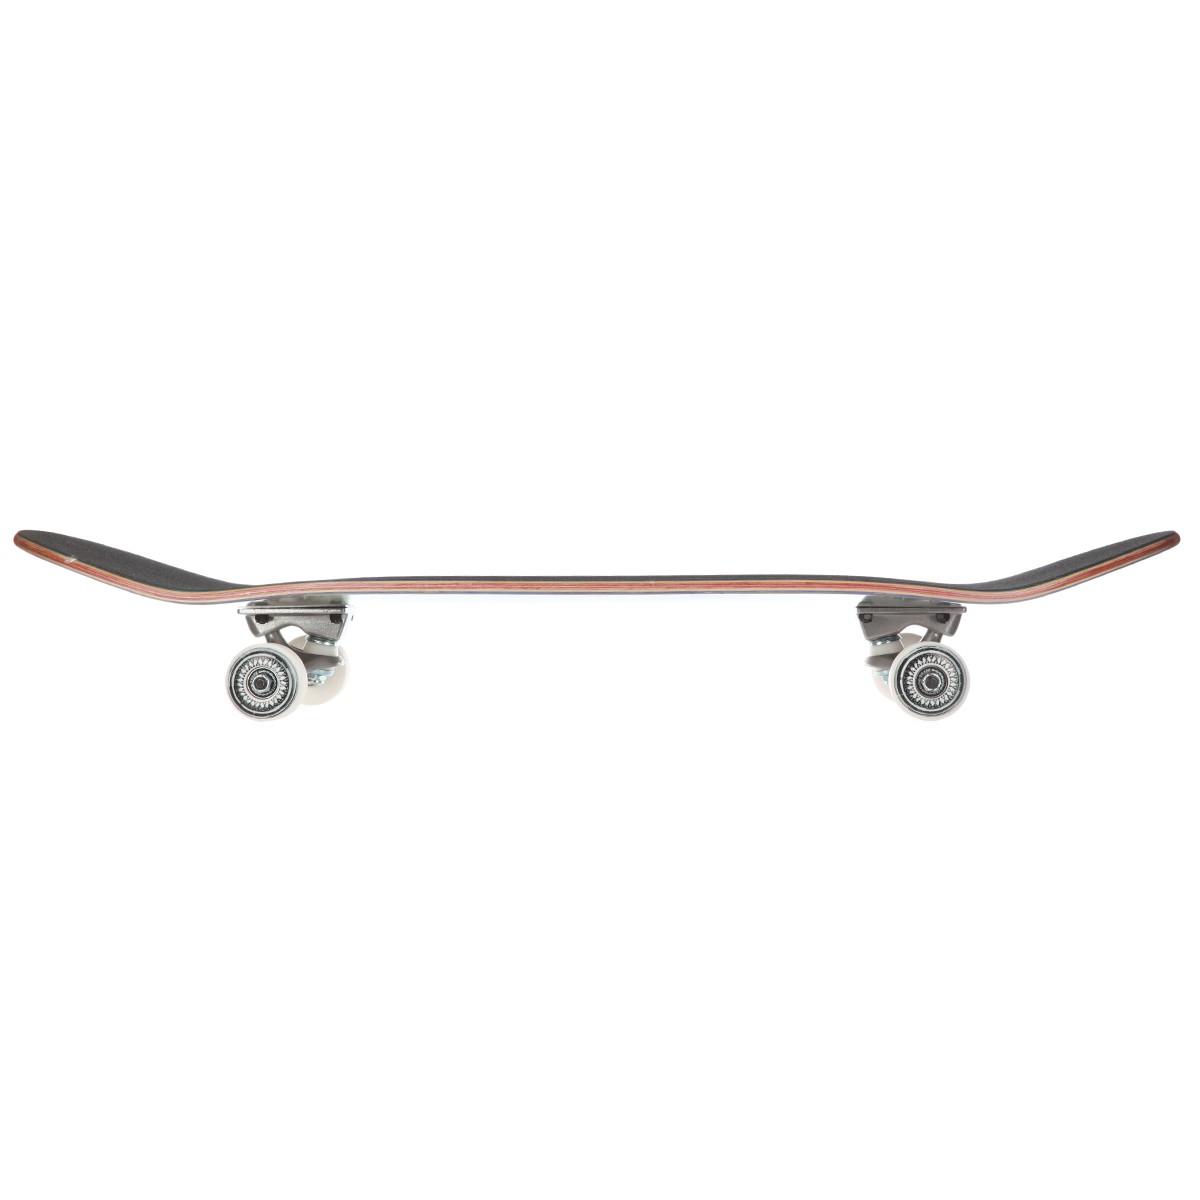 """Скейт в сборе ЮНИОН GENTLEMENTS, 8.25""""x31.875"""""""